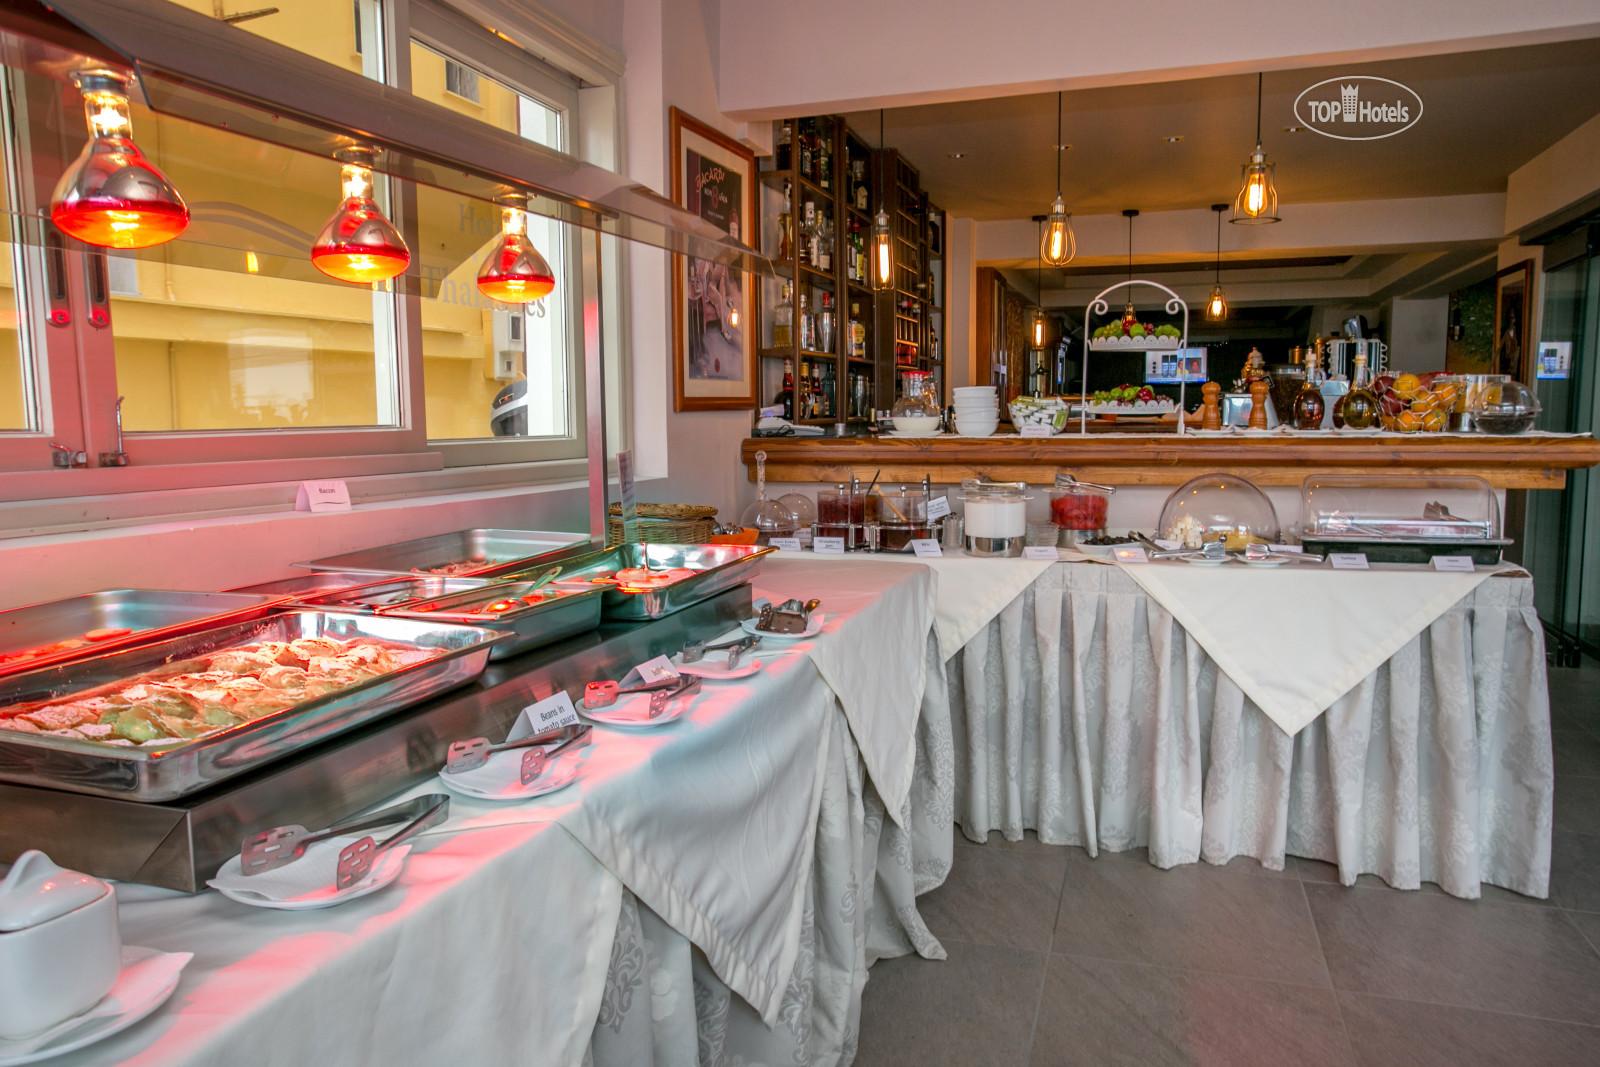 Thalassies nouveau hotel 3 о тасос лименарья